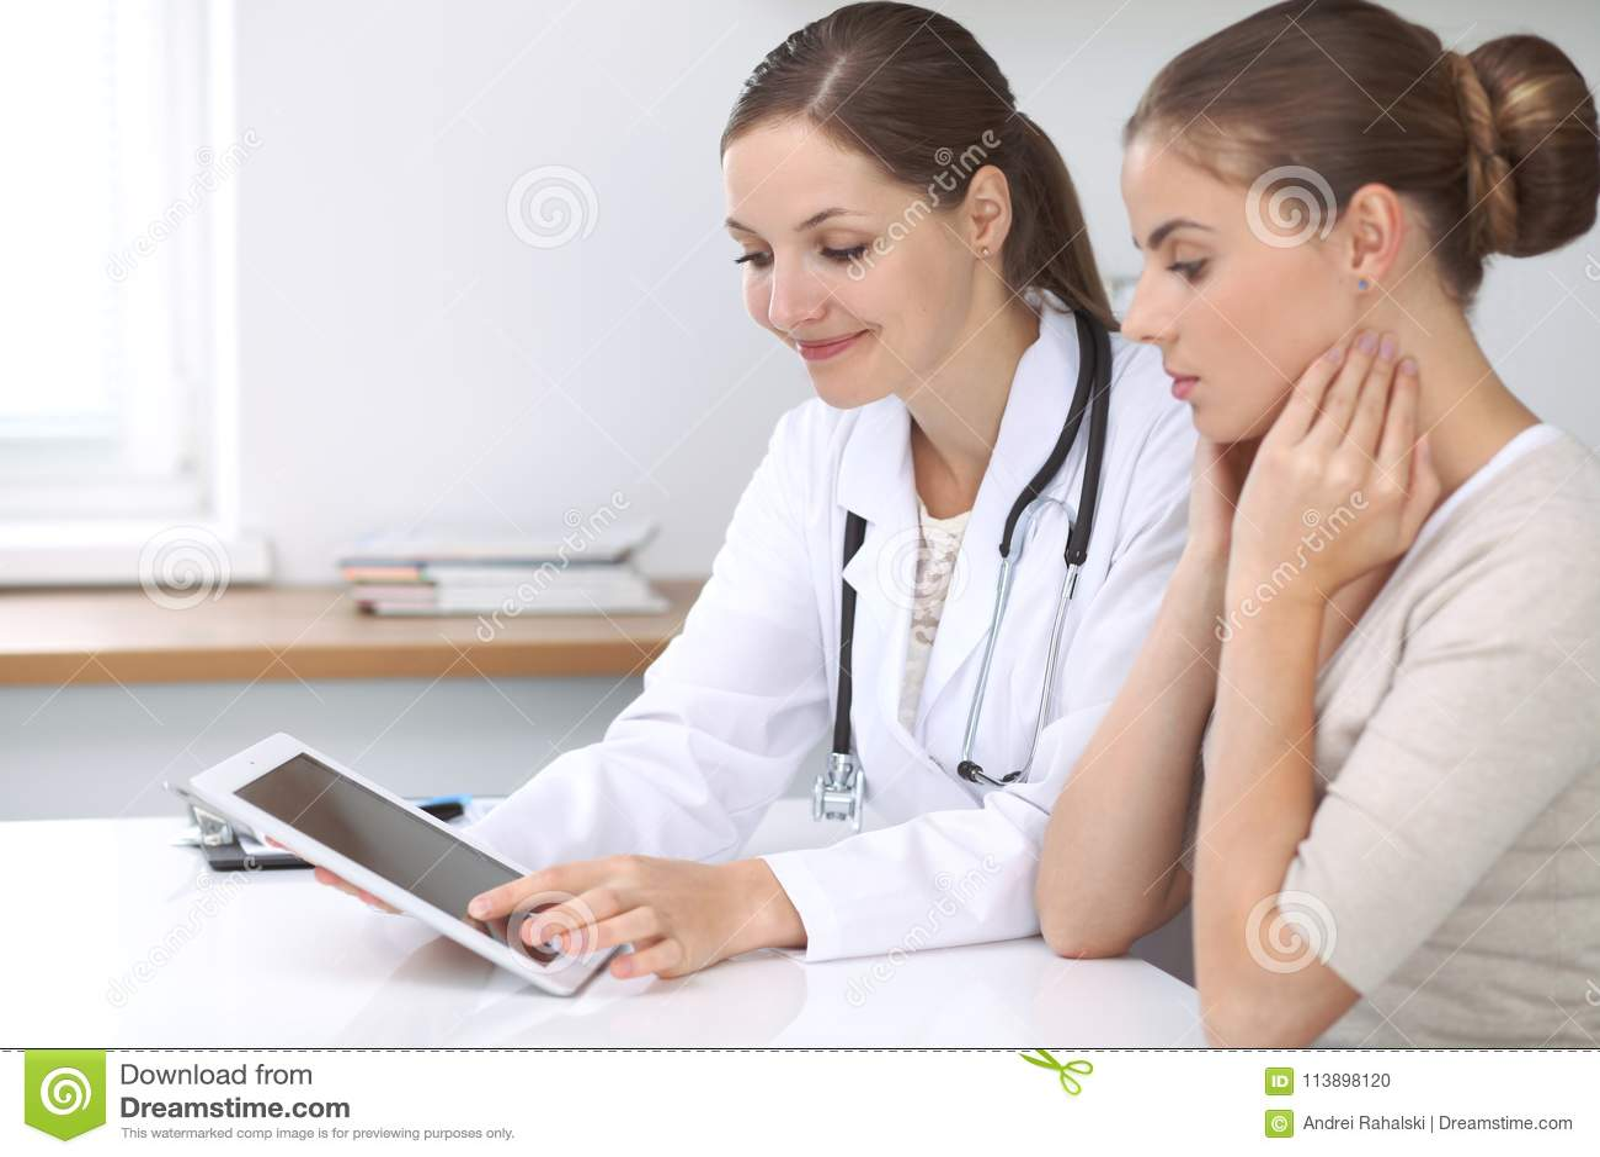 Пьяных девок у врач на осмотре красивая девушка смотреть